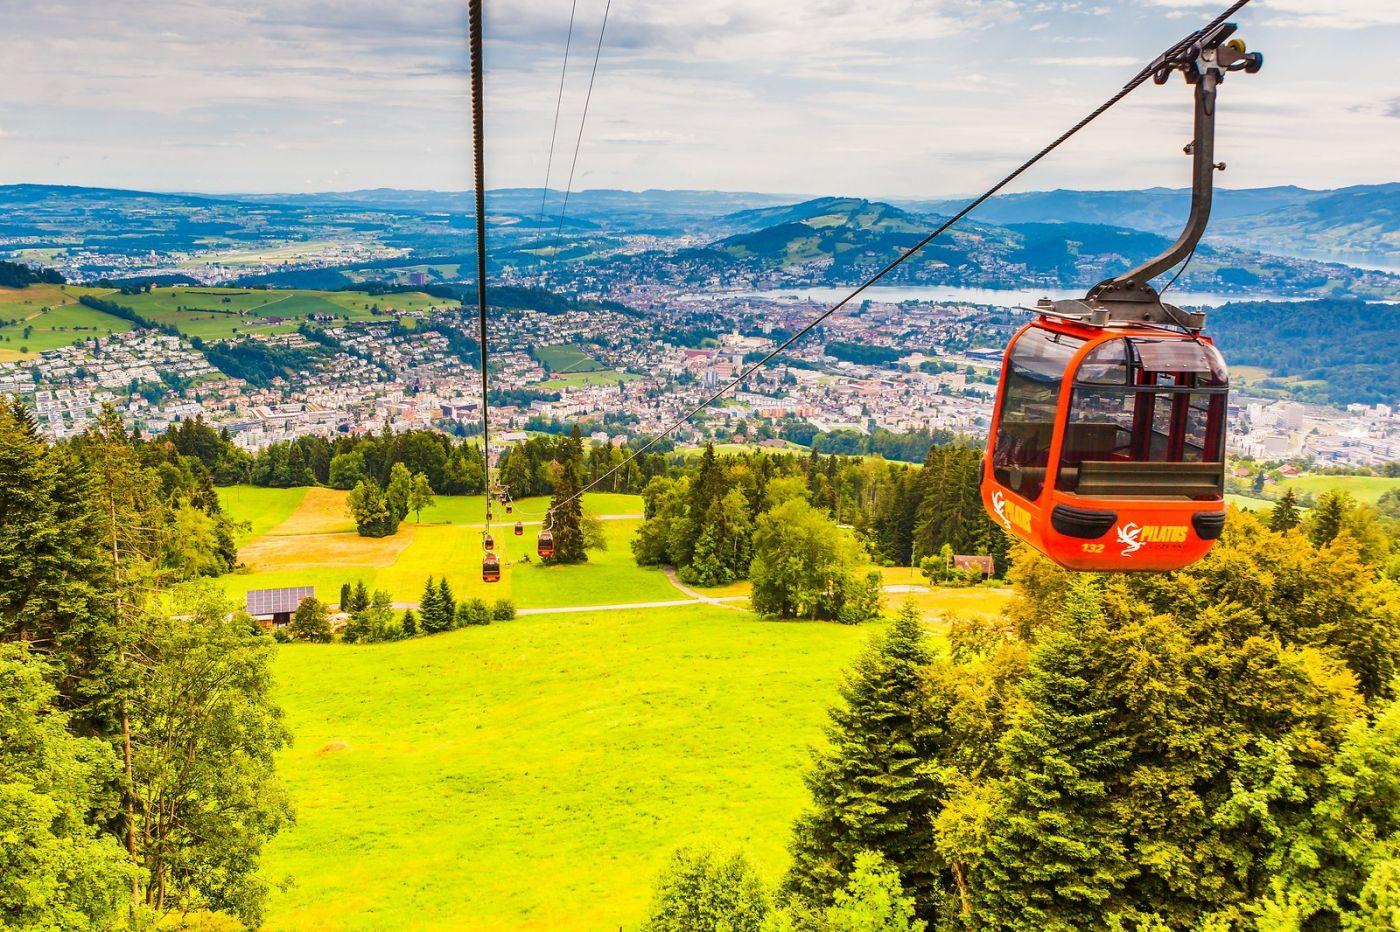 瑞士卢塞恩(Lucerne),坐缆车看风景_图1-8